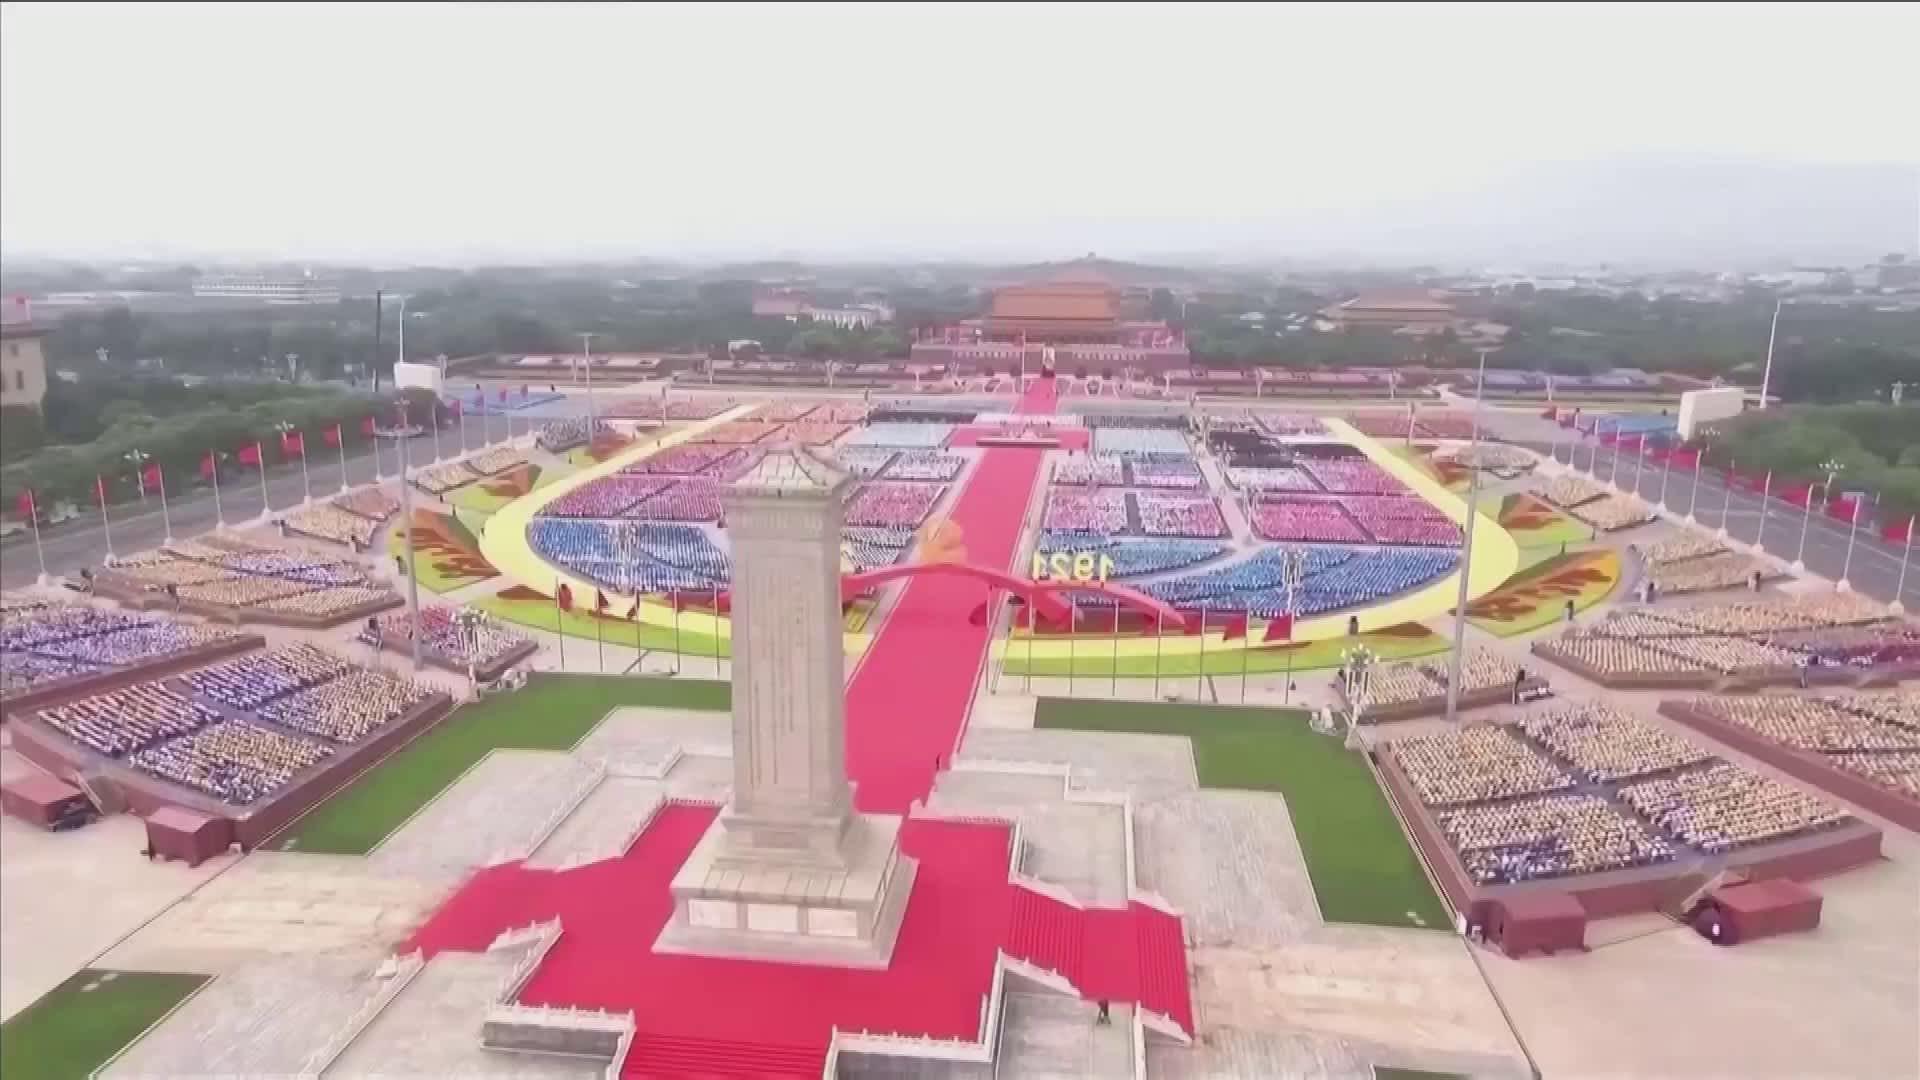 Kiinan kommunistinenpuolue 100 vuotta